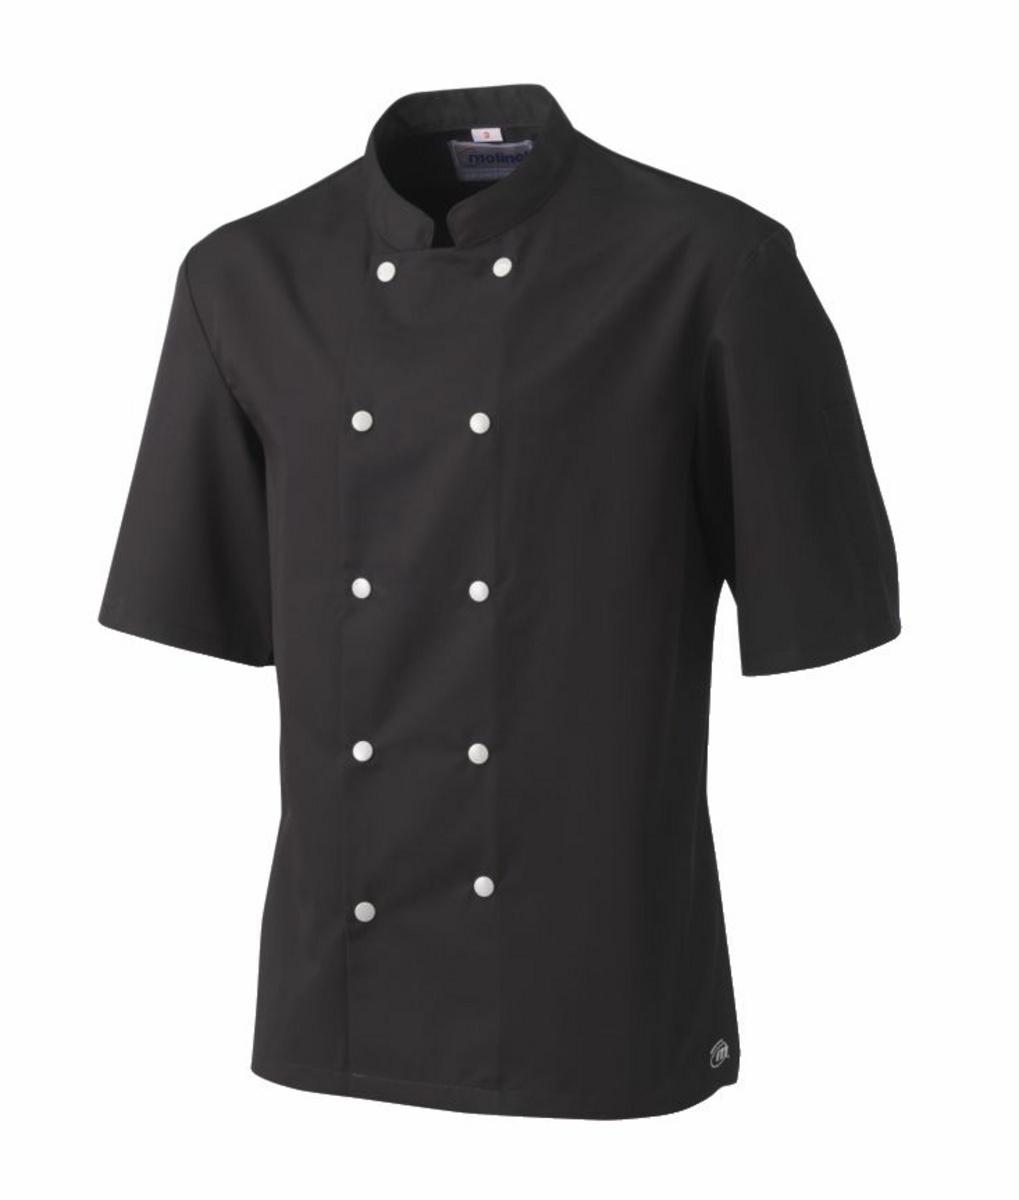 Veste de cuisine homme manche courte noire taille 1 Blake Molinel